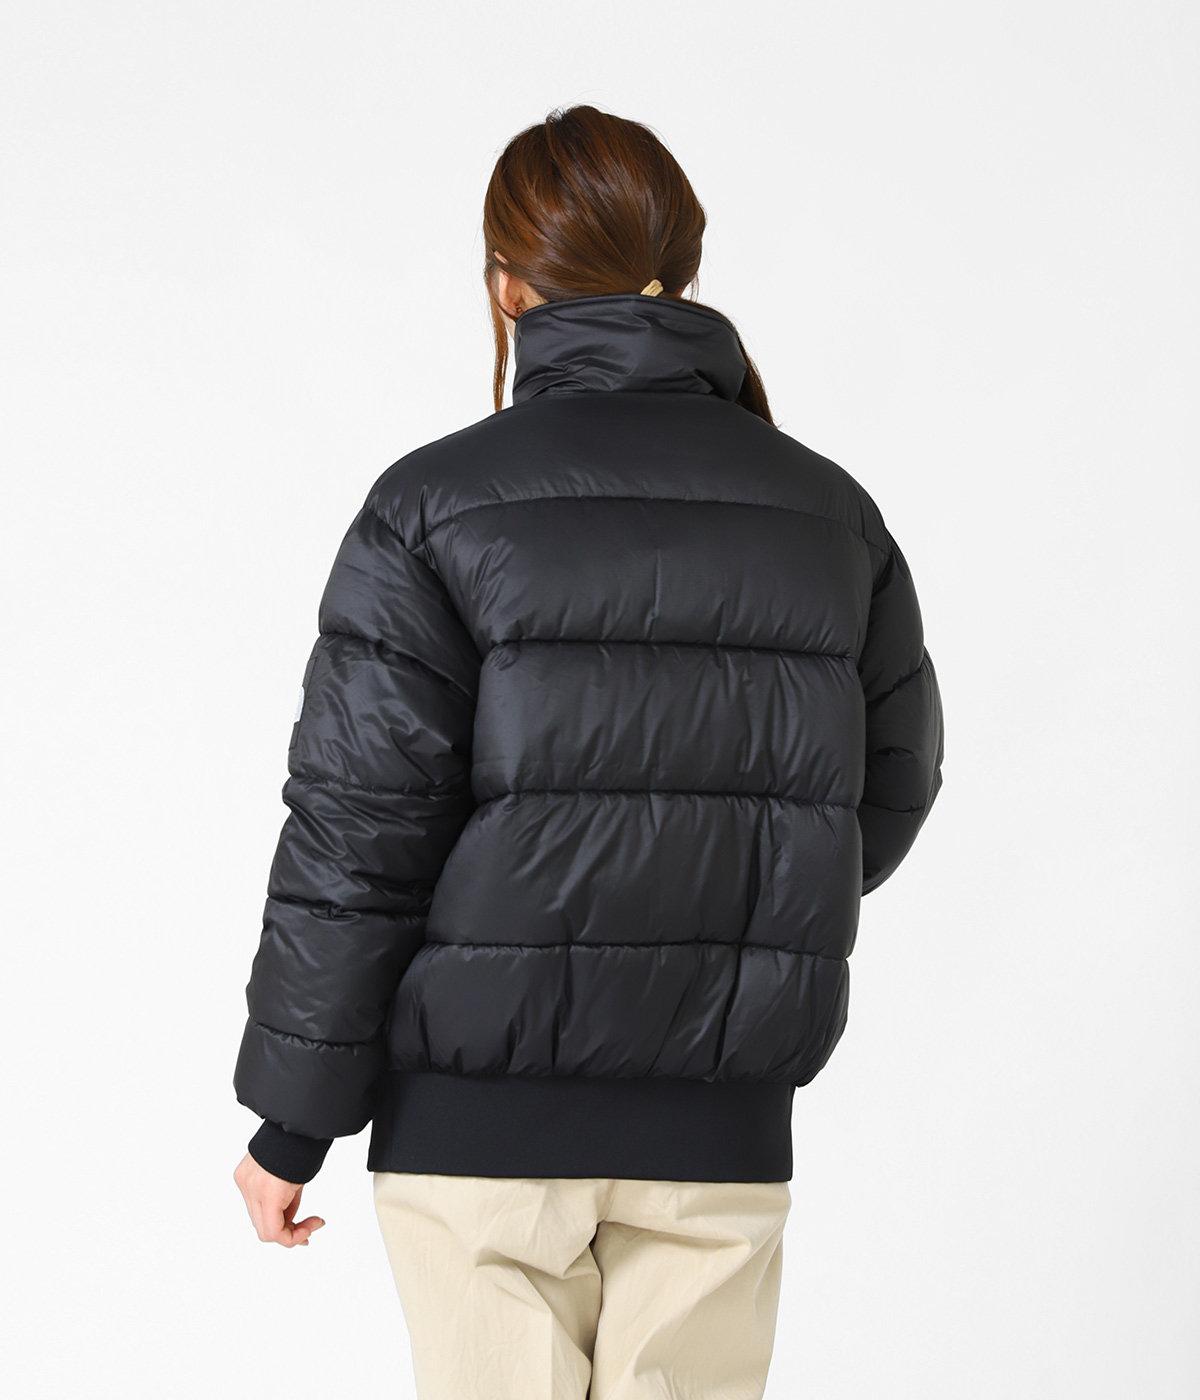 【レディース】Larkspur Jacket